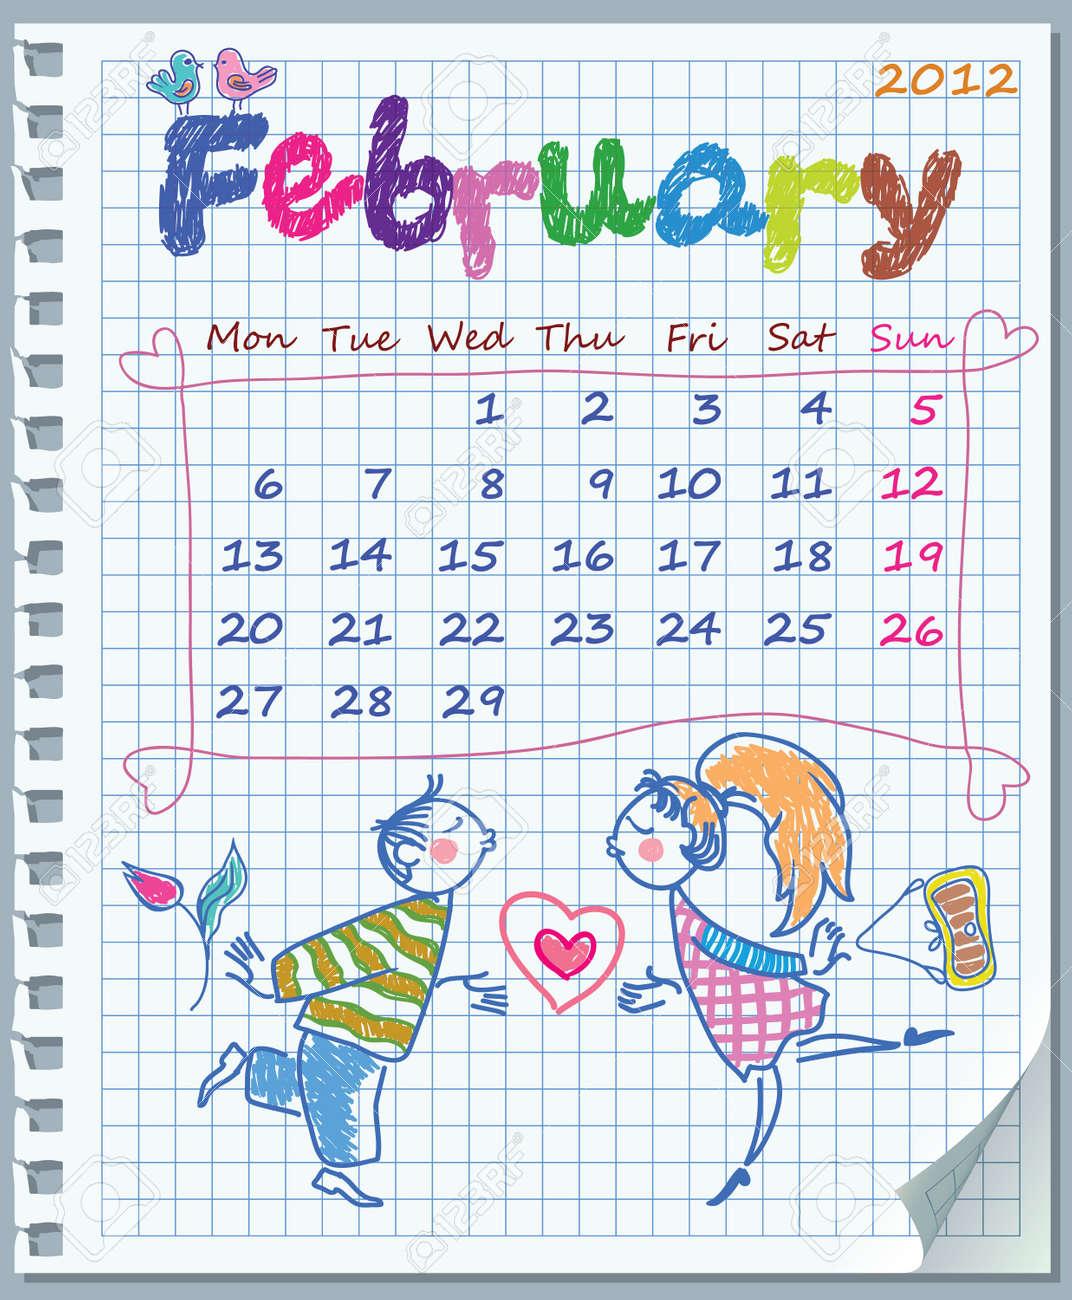 February Valentine Calendar Calendar For February 2012